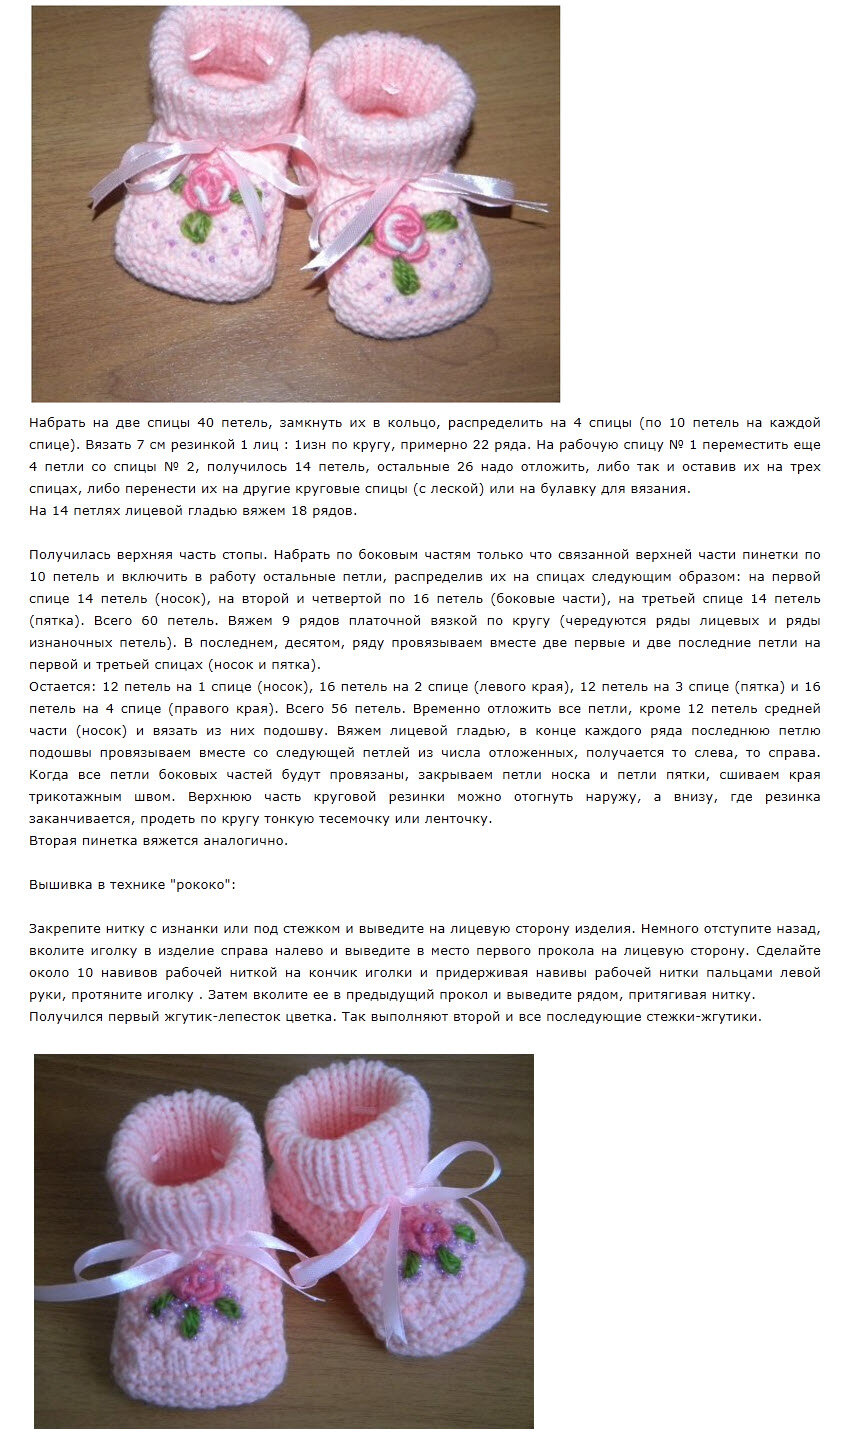 Пинетки спицами для новорожденных: схемы и описание, фото, видео